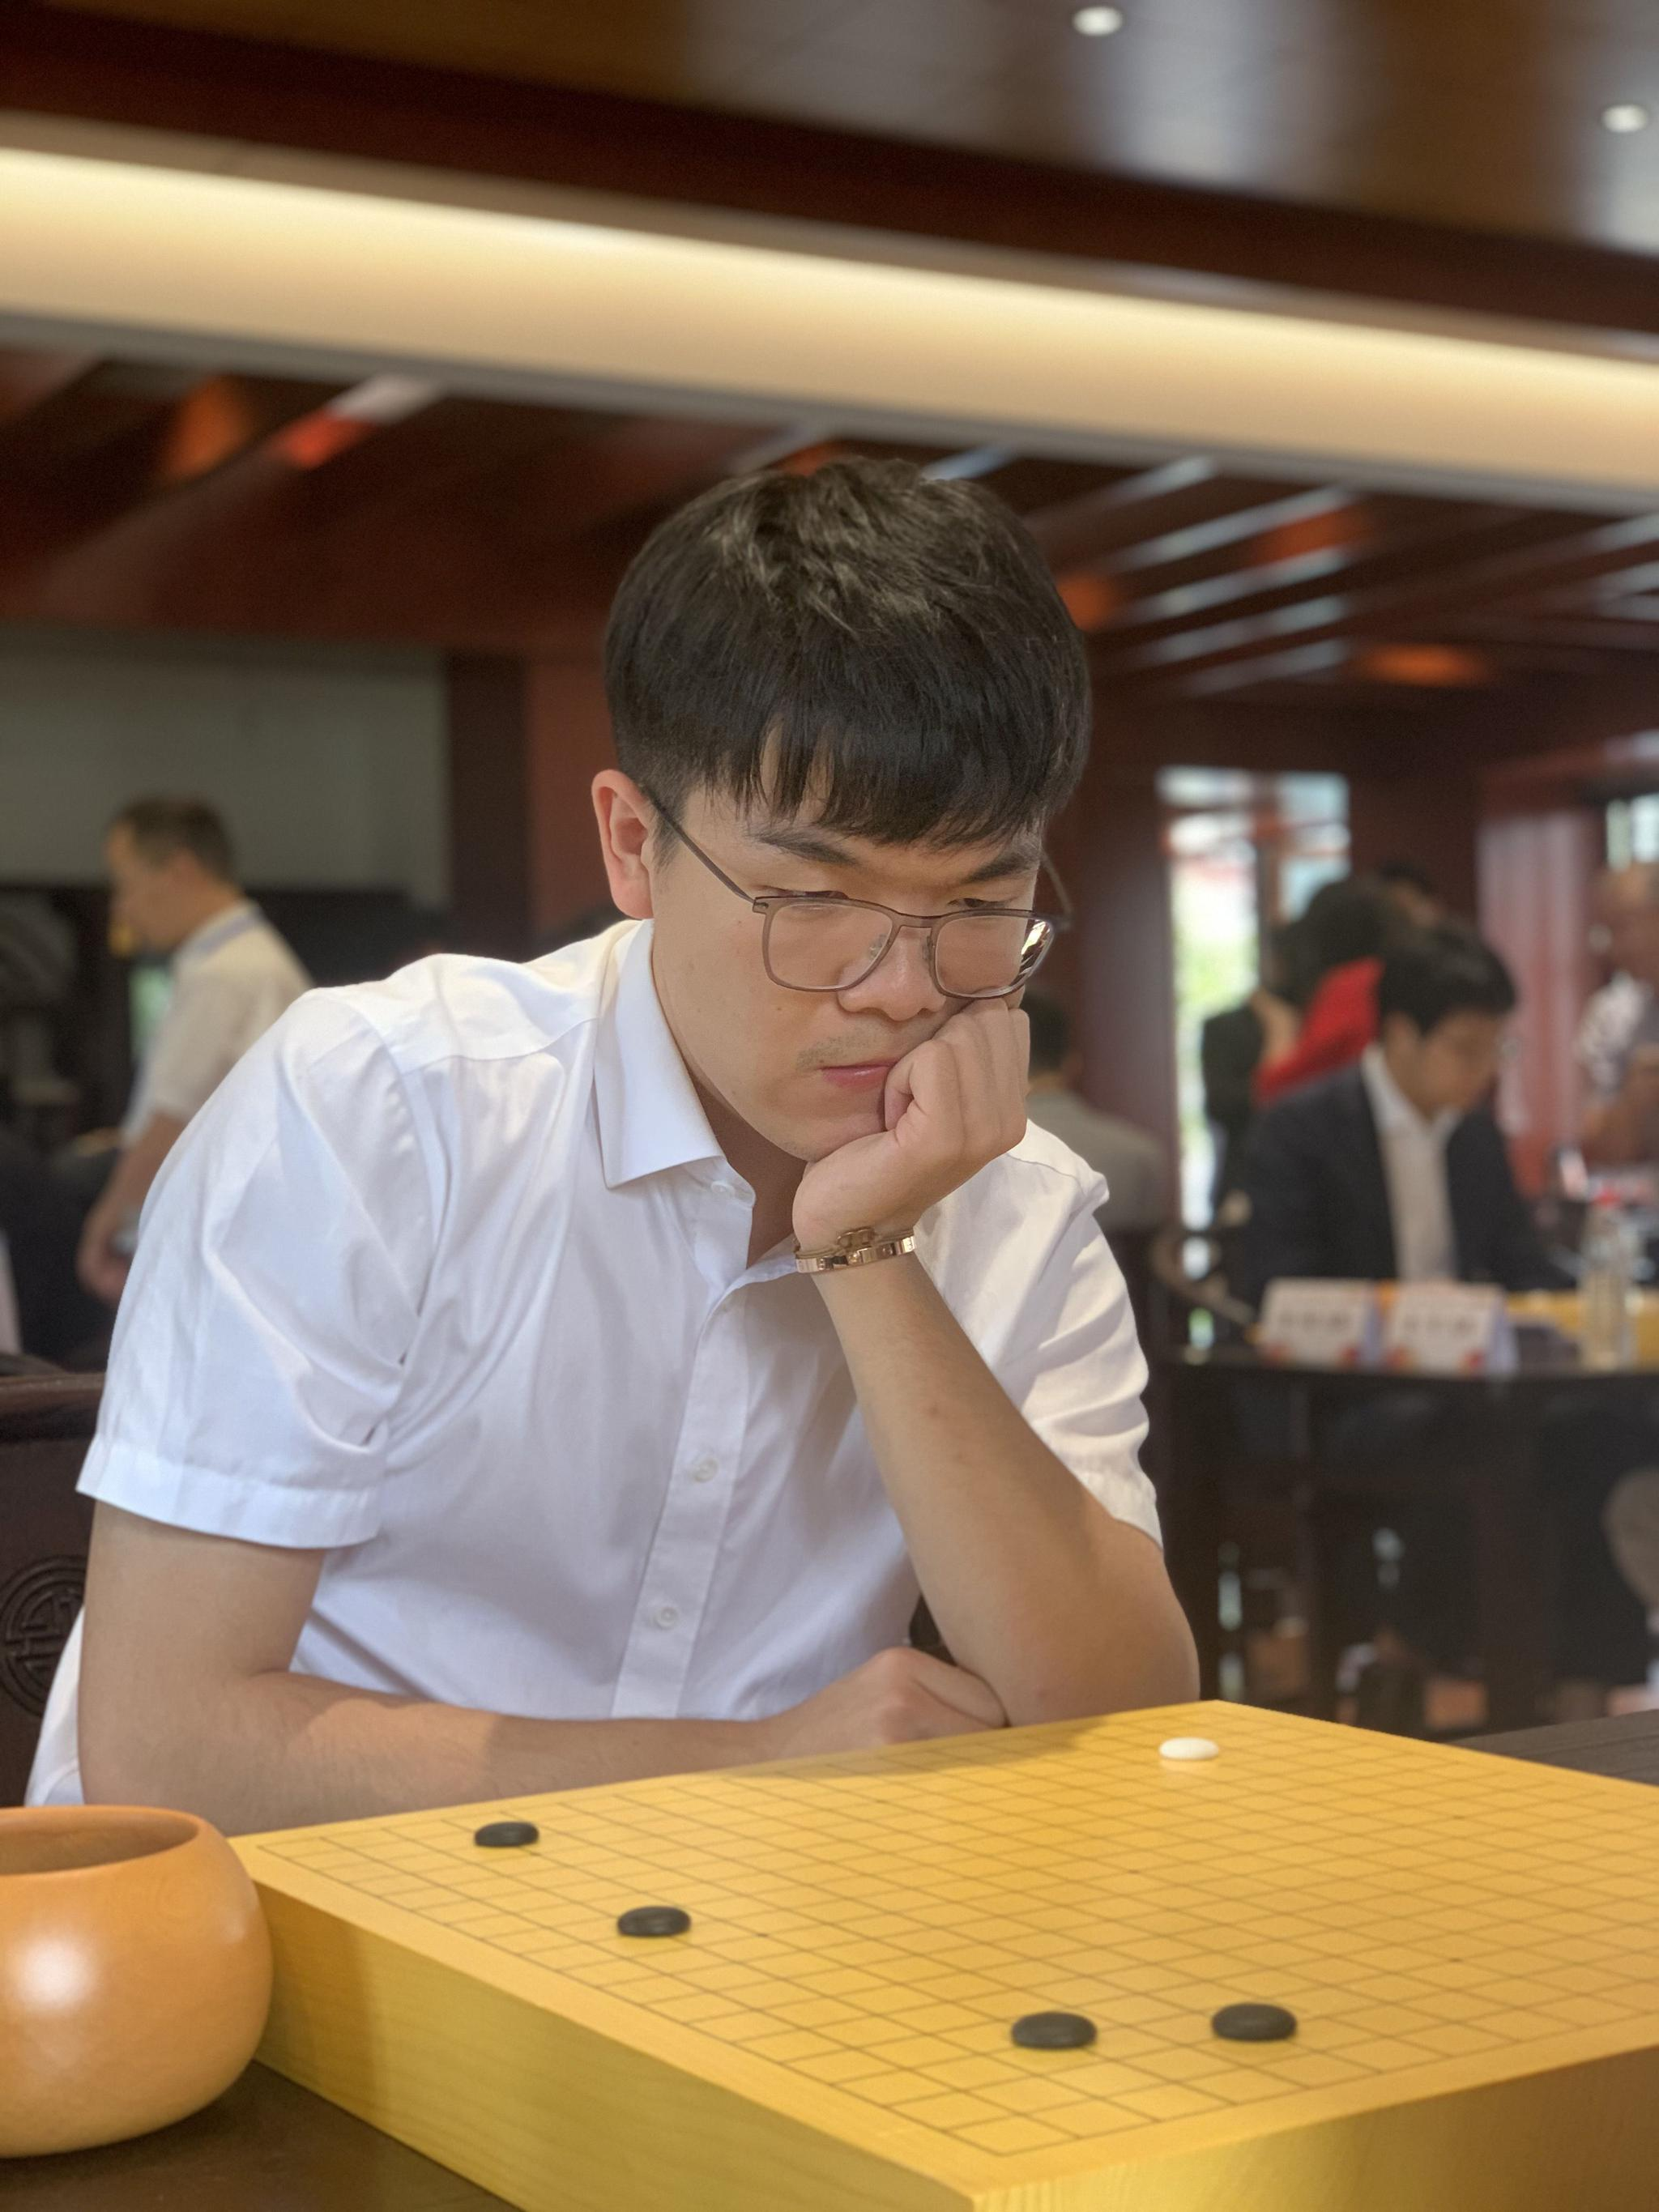 电视围棋快棋赛,柯洁等5位世界冠军晋级8强图片